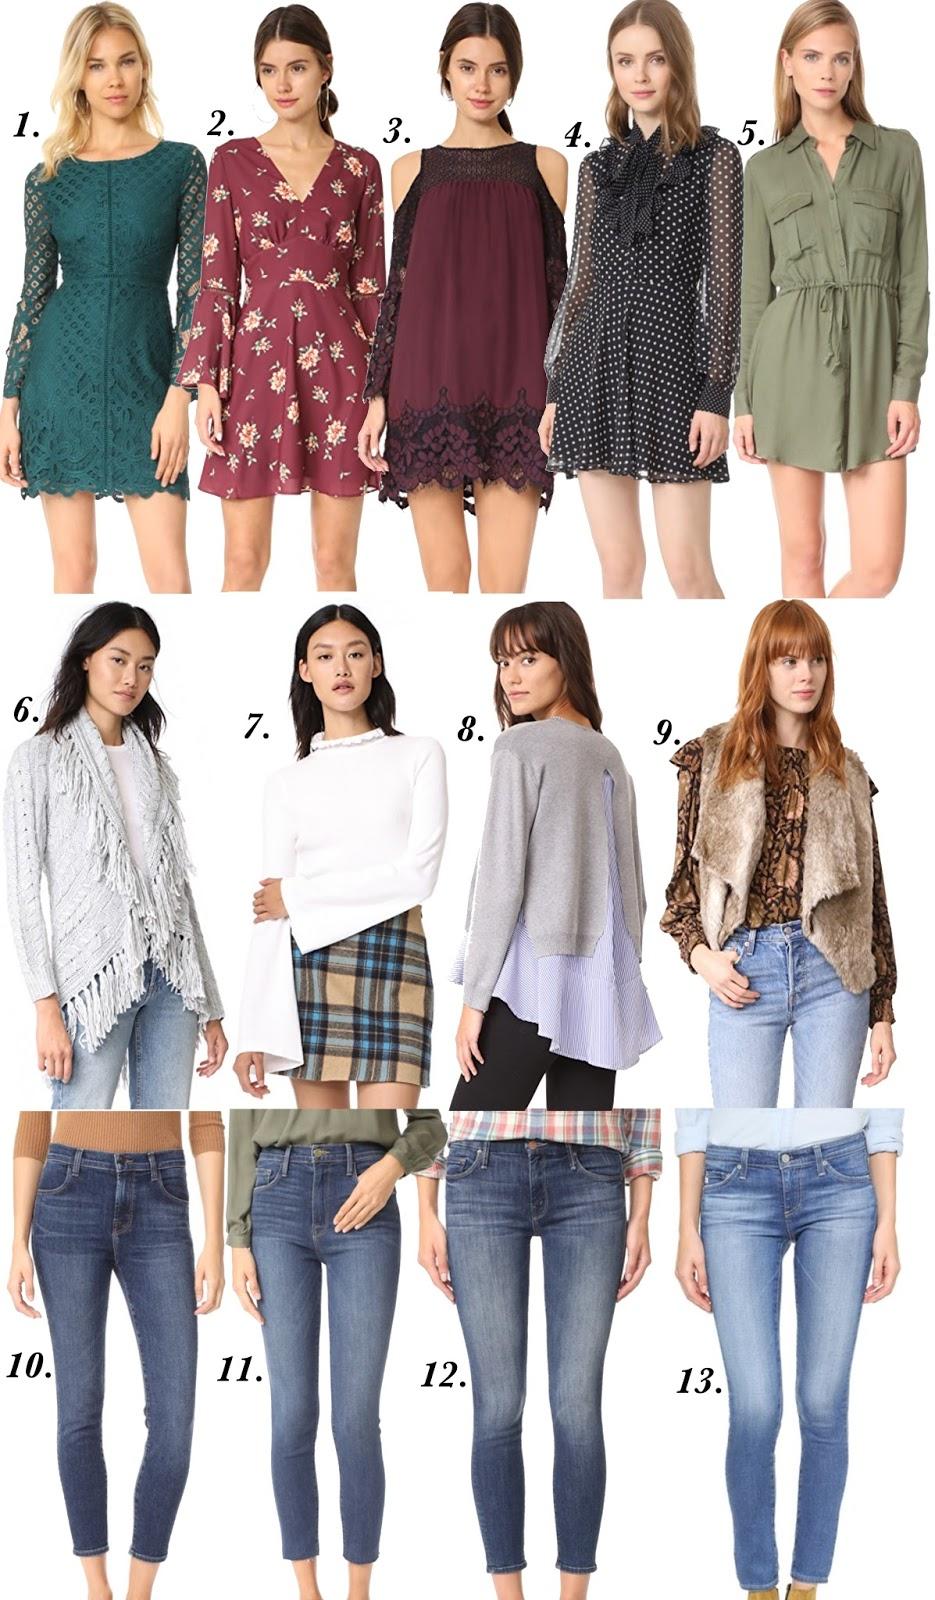 Shopbop Sale - Something Delightful Blog